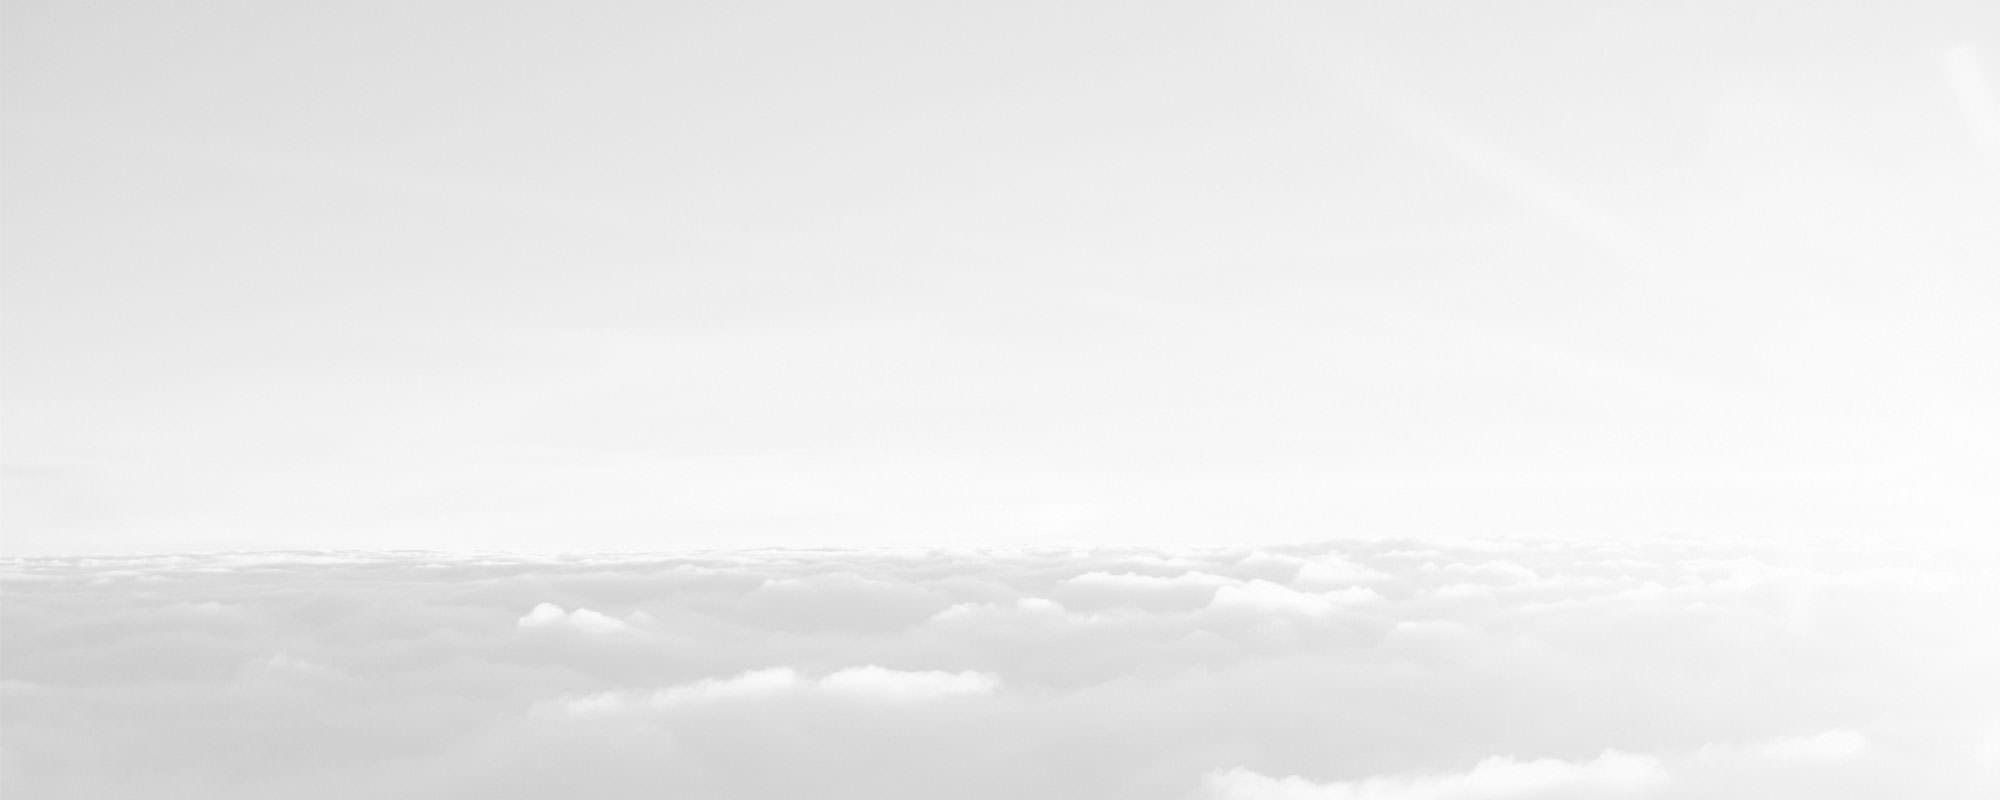 sky-bg-test